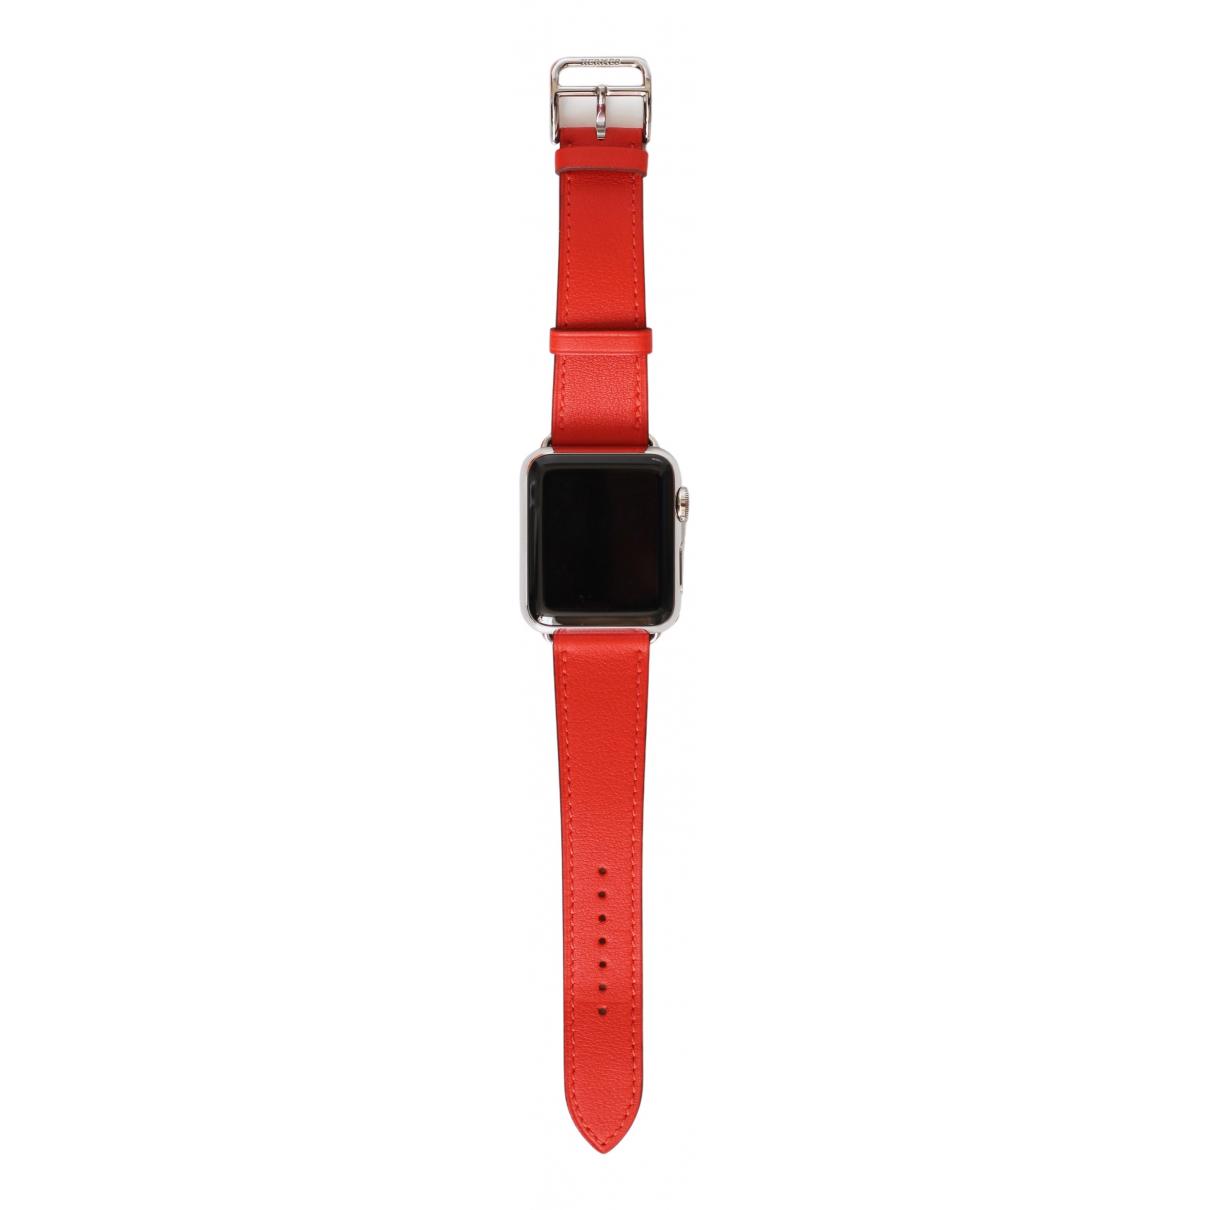 Hermes - Montre Apple Watch x Hermes 38mm pour femme en ceramique - rose